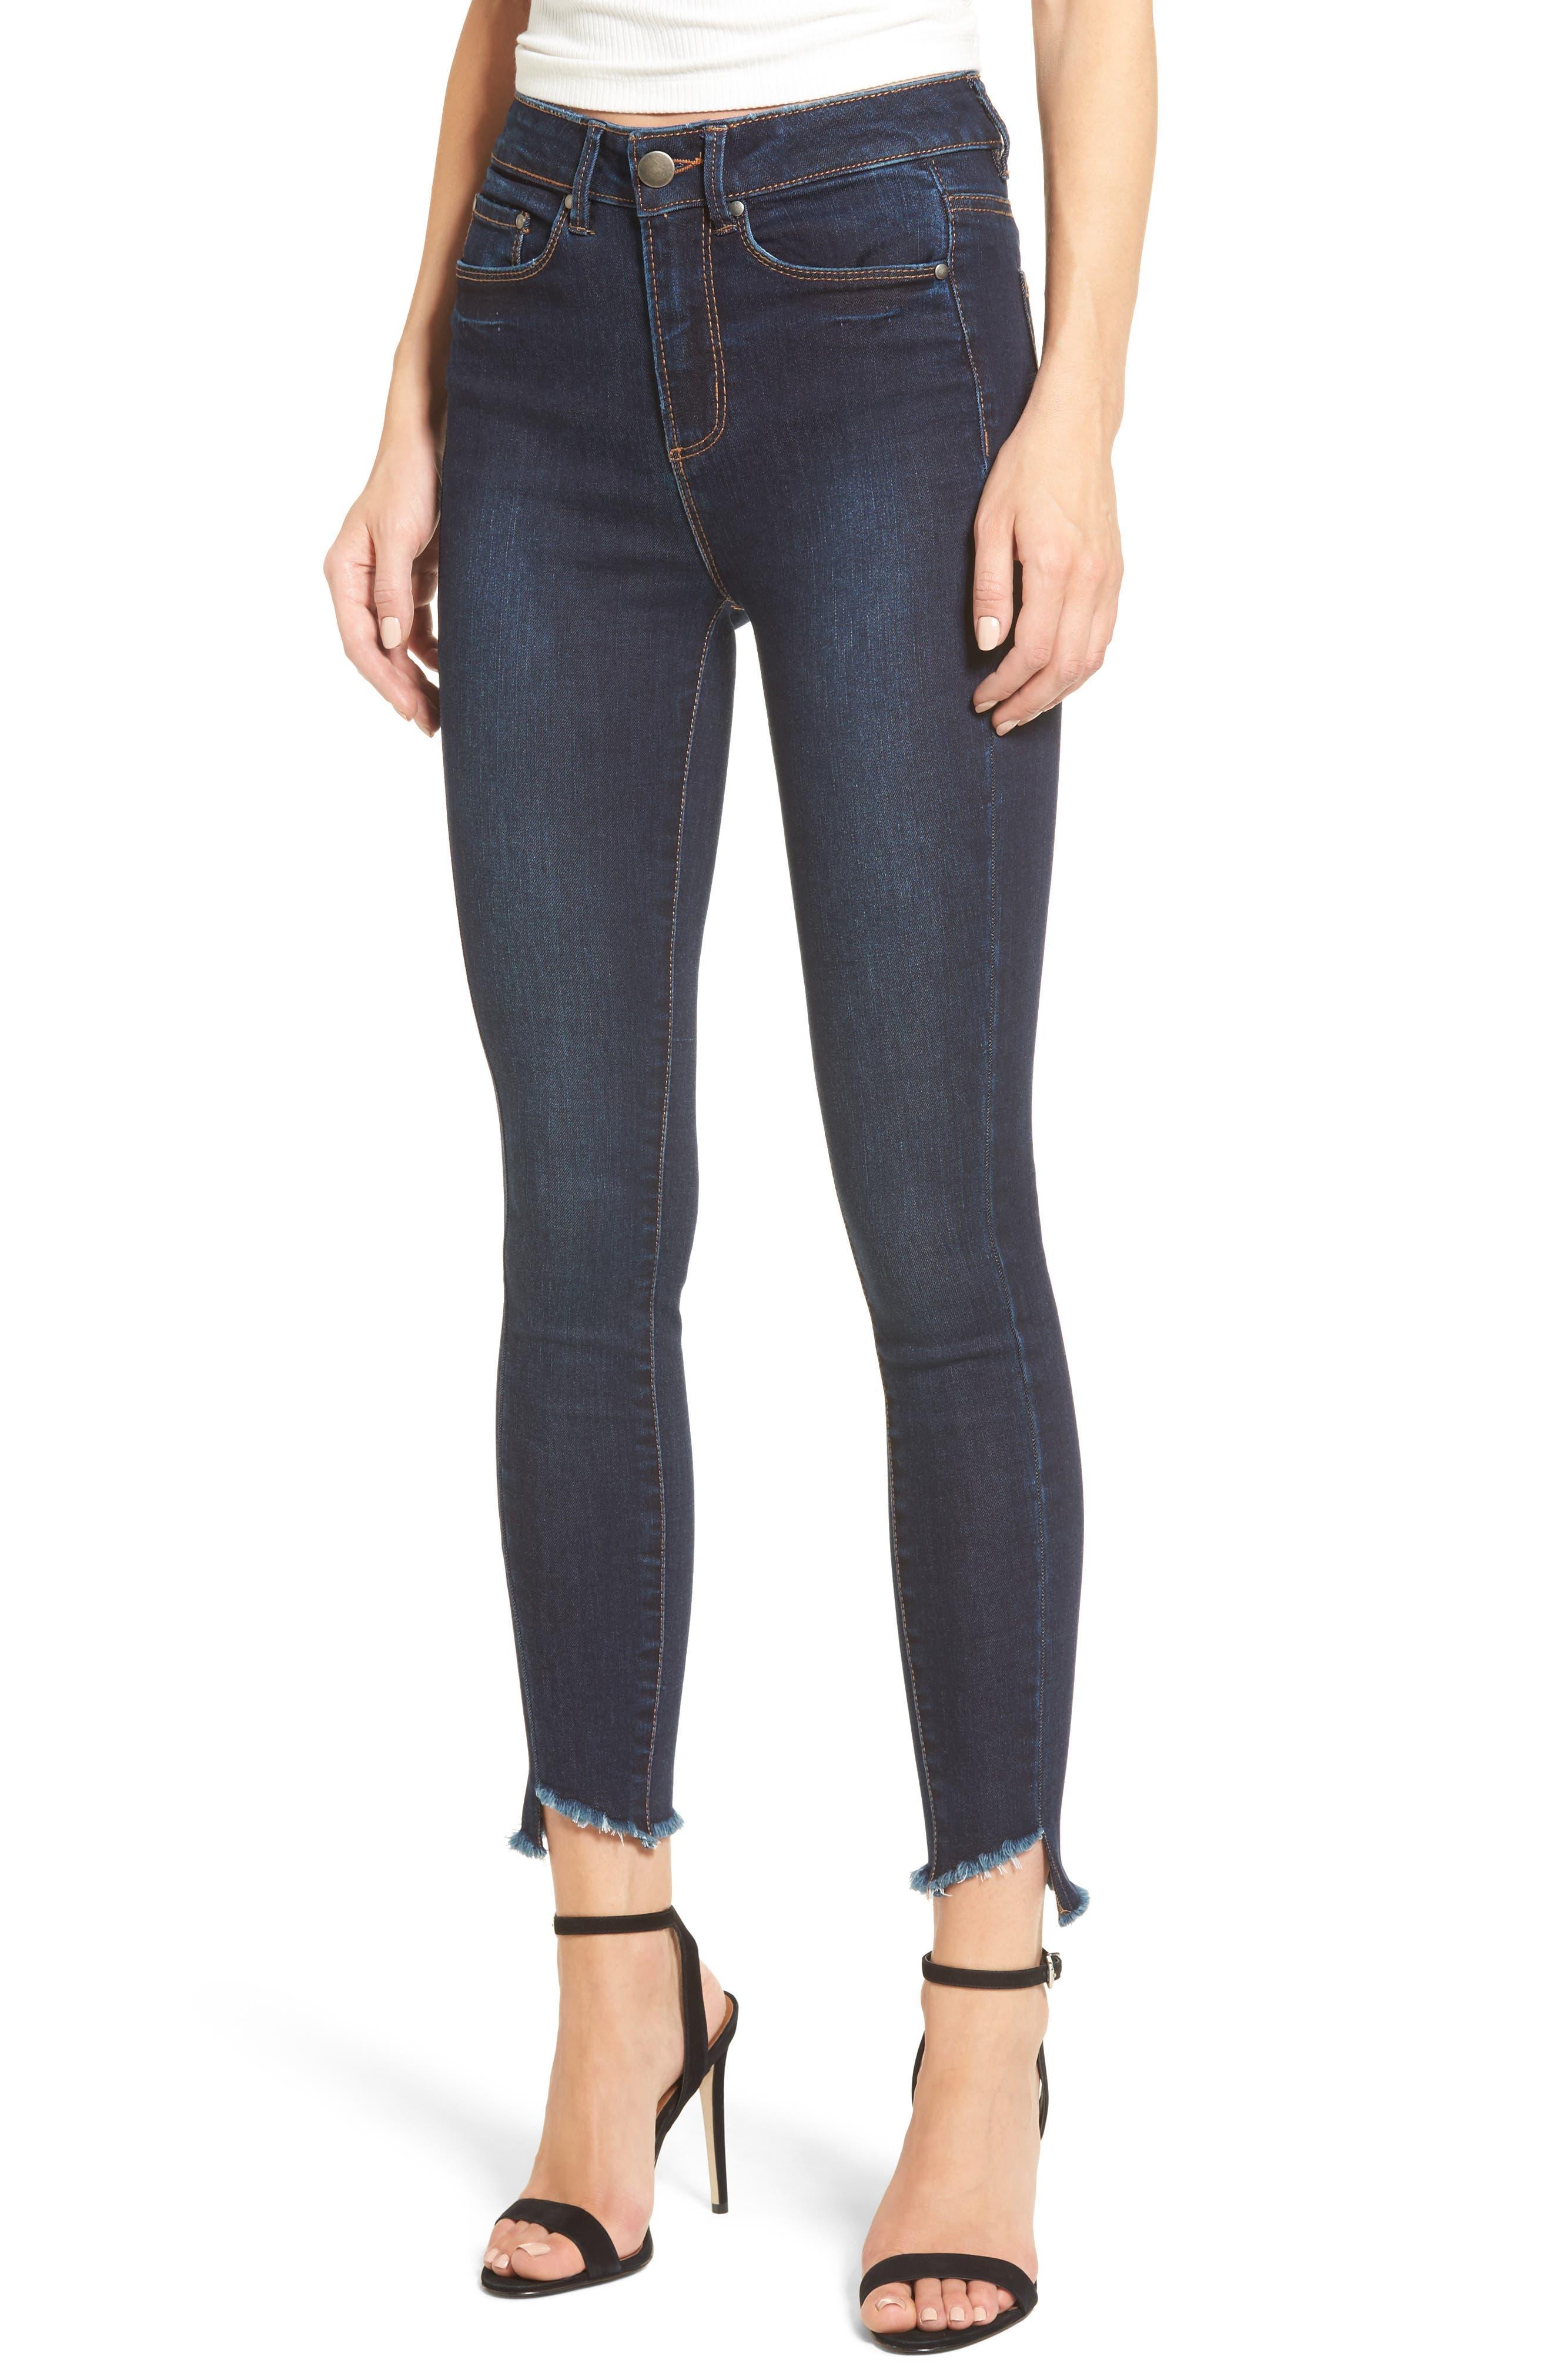 Alternate Image 1 Selected - AFRM Clark High Waist Skinny Jeans (Rebel Wash)